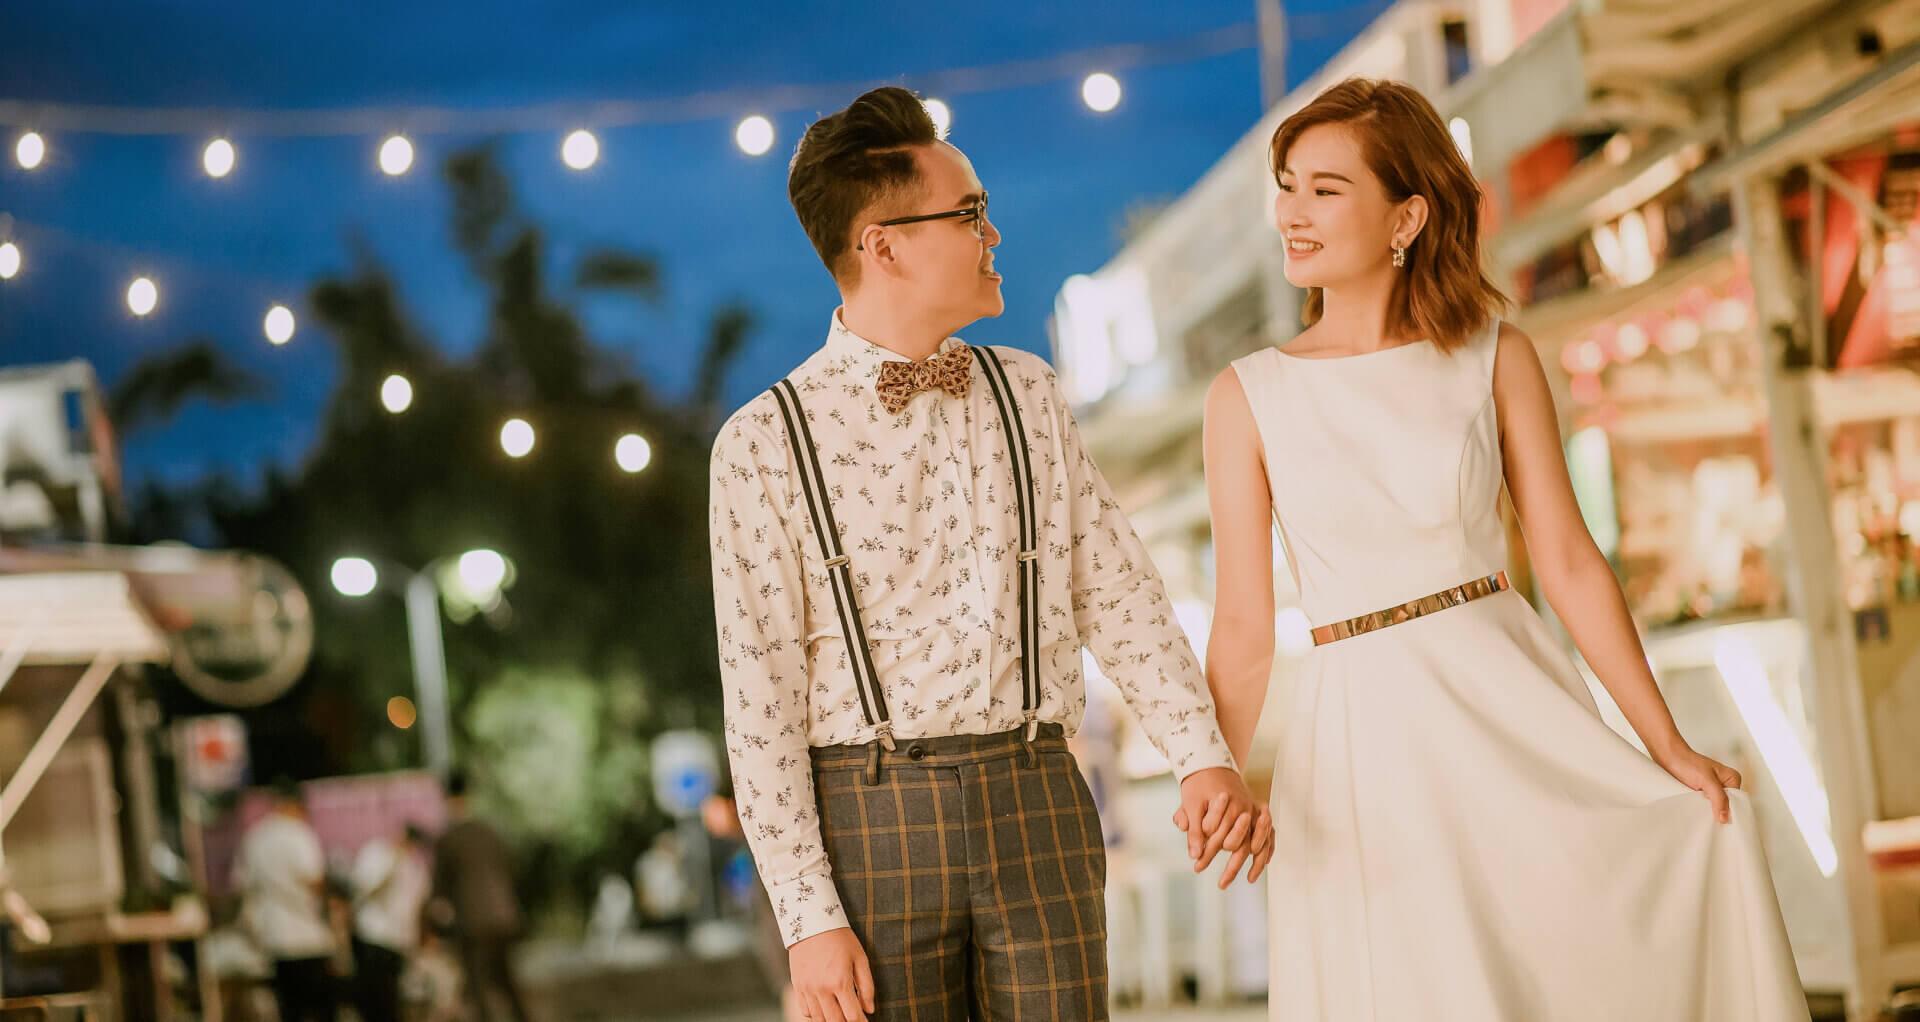 2021婚攝推薦|婚禮攝影 - 婚攝小凱